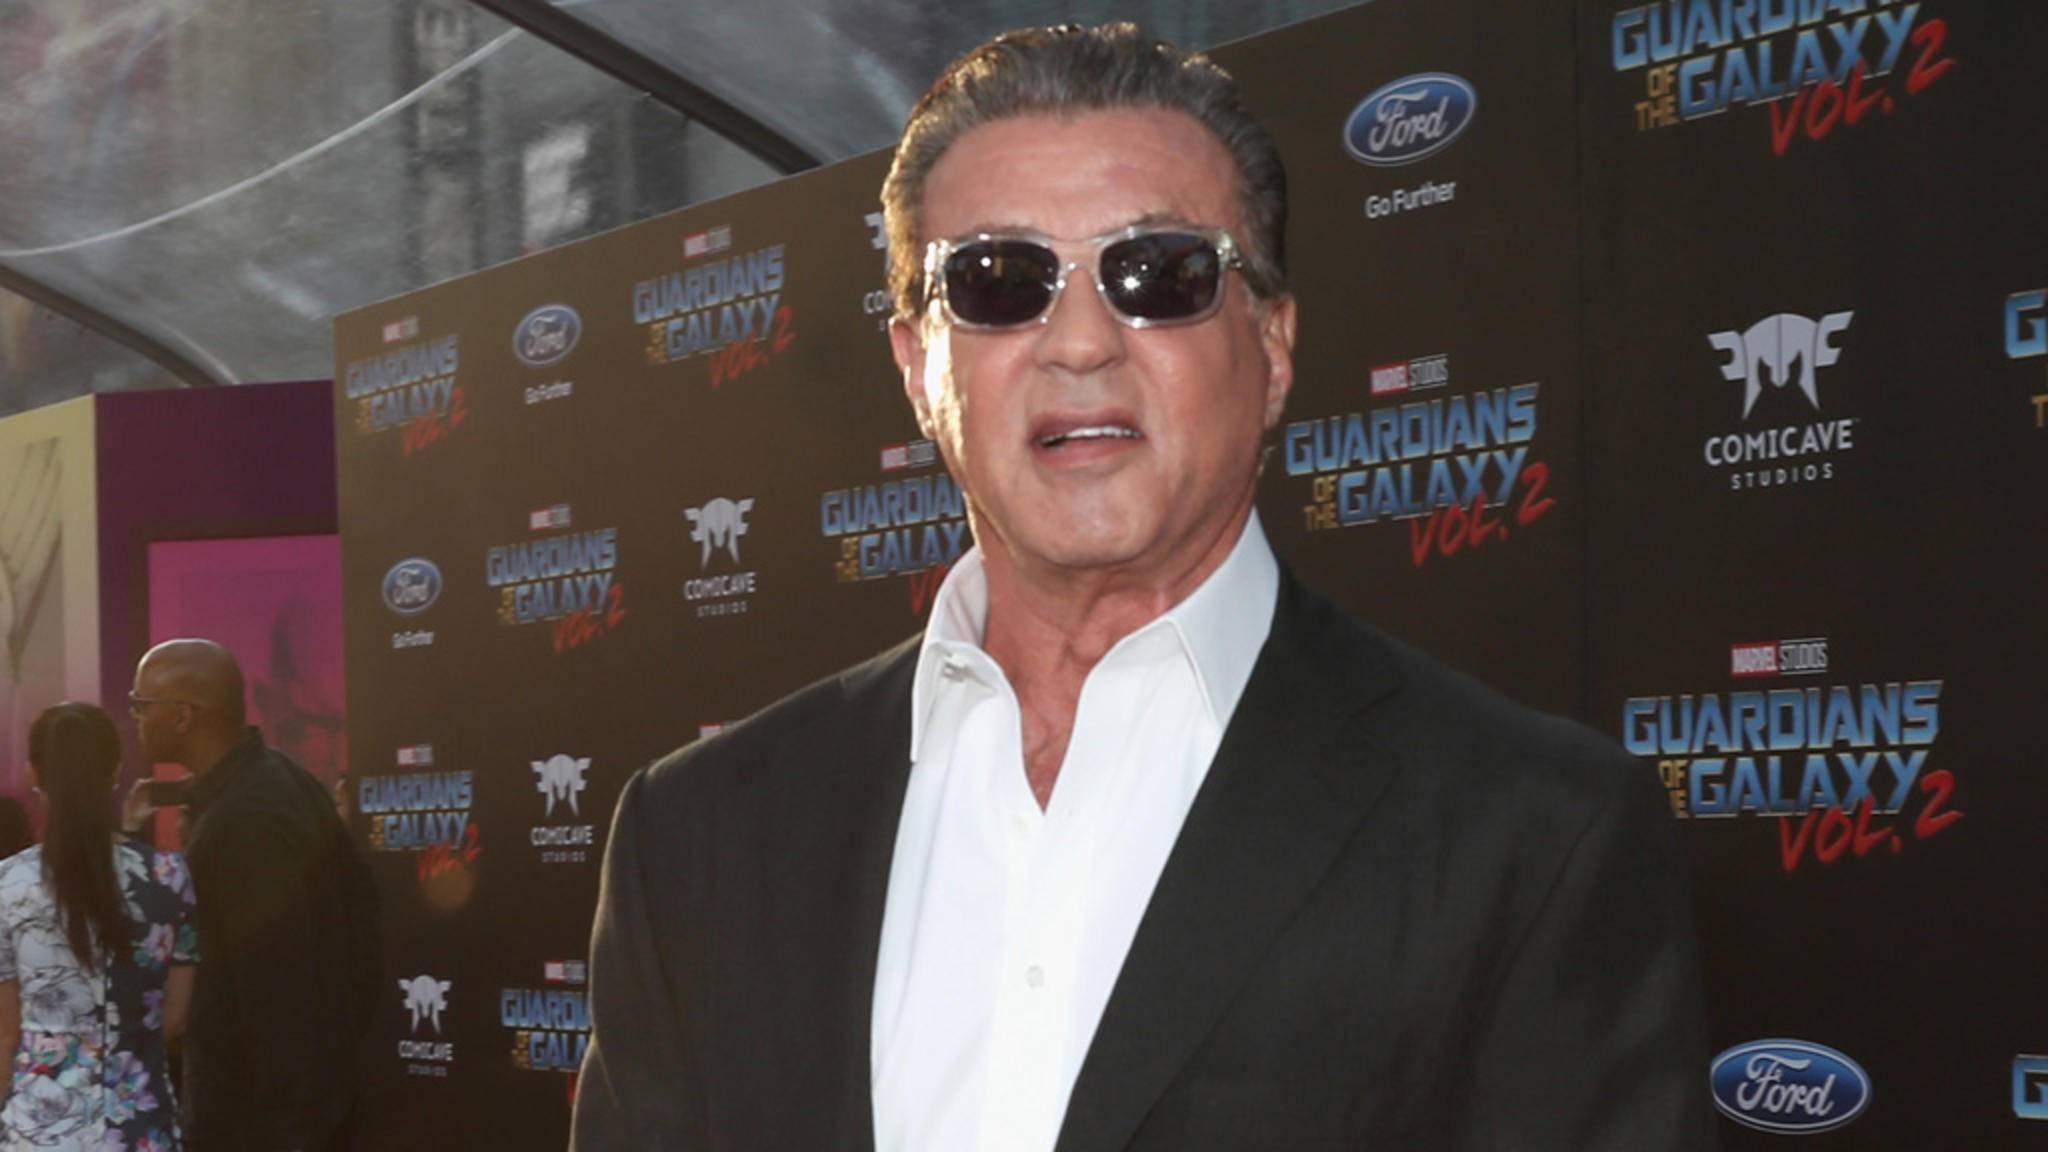 The One and Only: Sylvester Stallone! Sein Allround-Talent katapultiert ihn auf Platz 1 der reichsten MCU-Darsteller – trotz einer vergleichsweise kleinen Rolle.